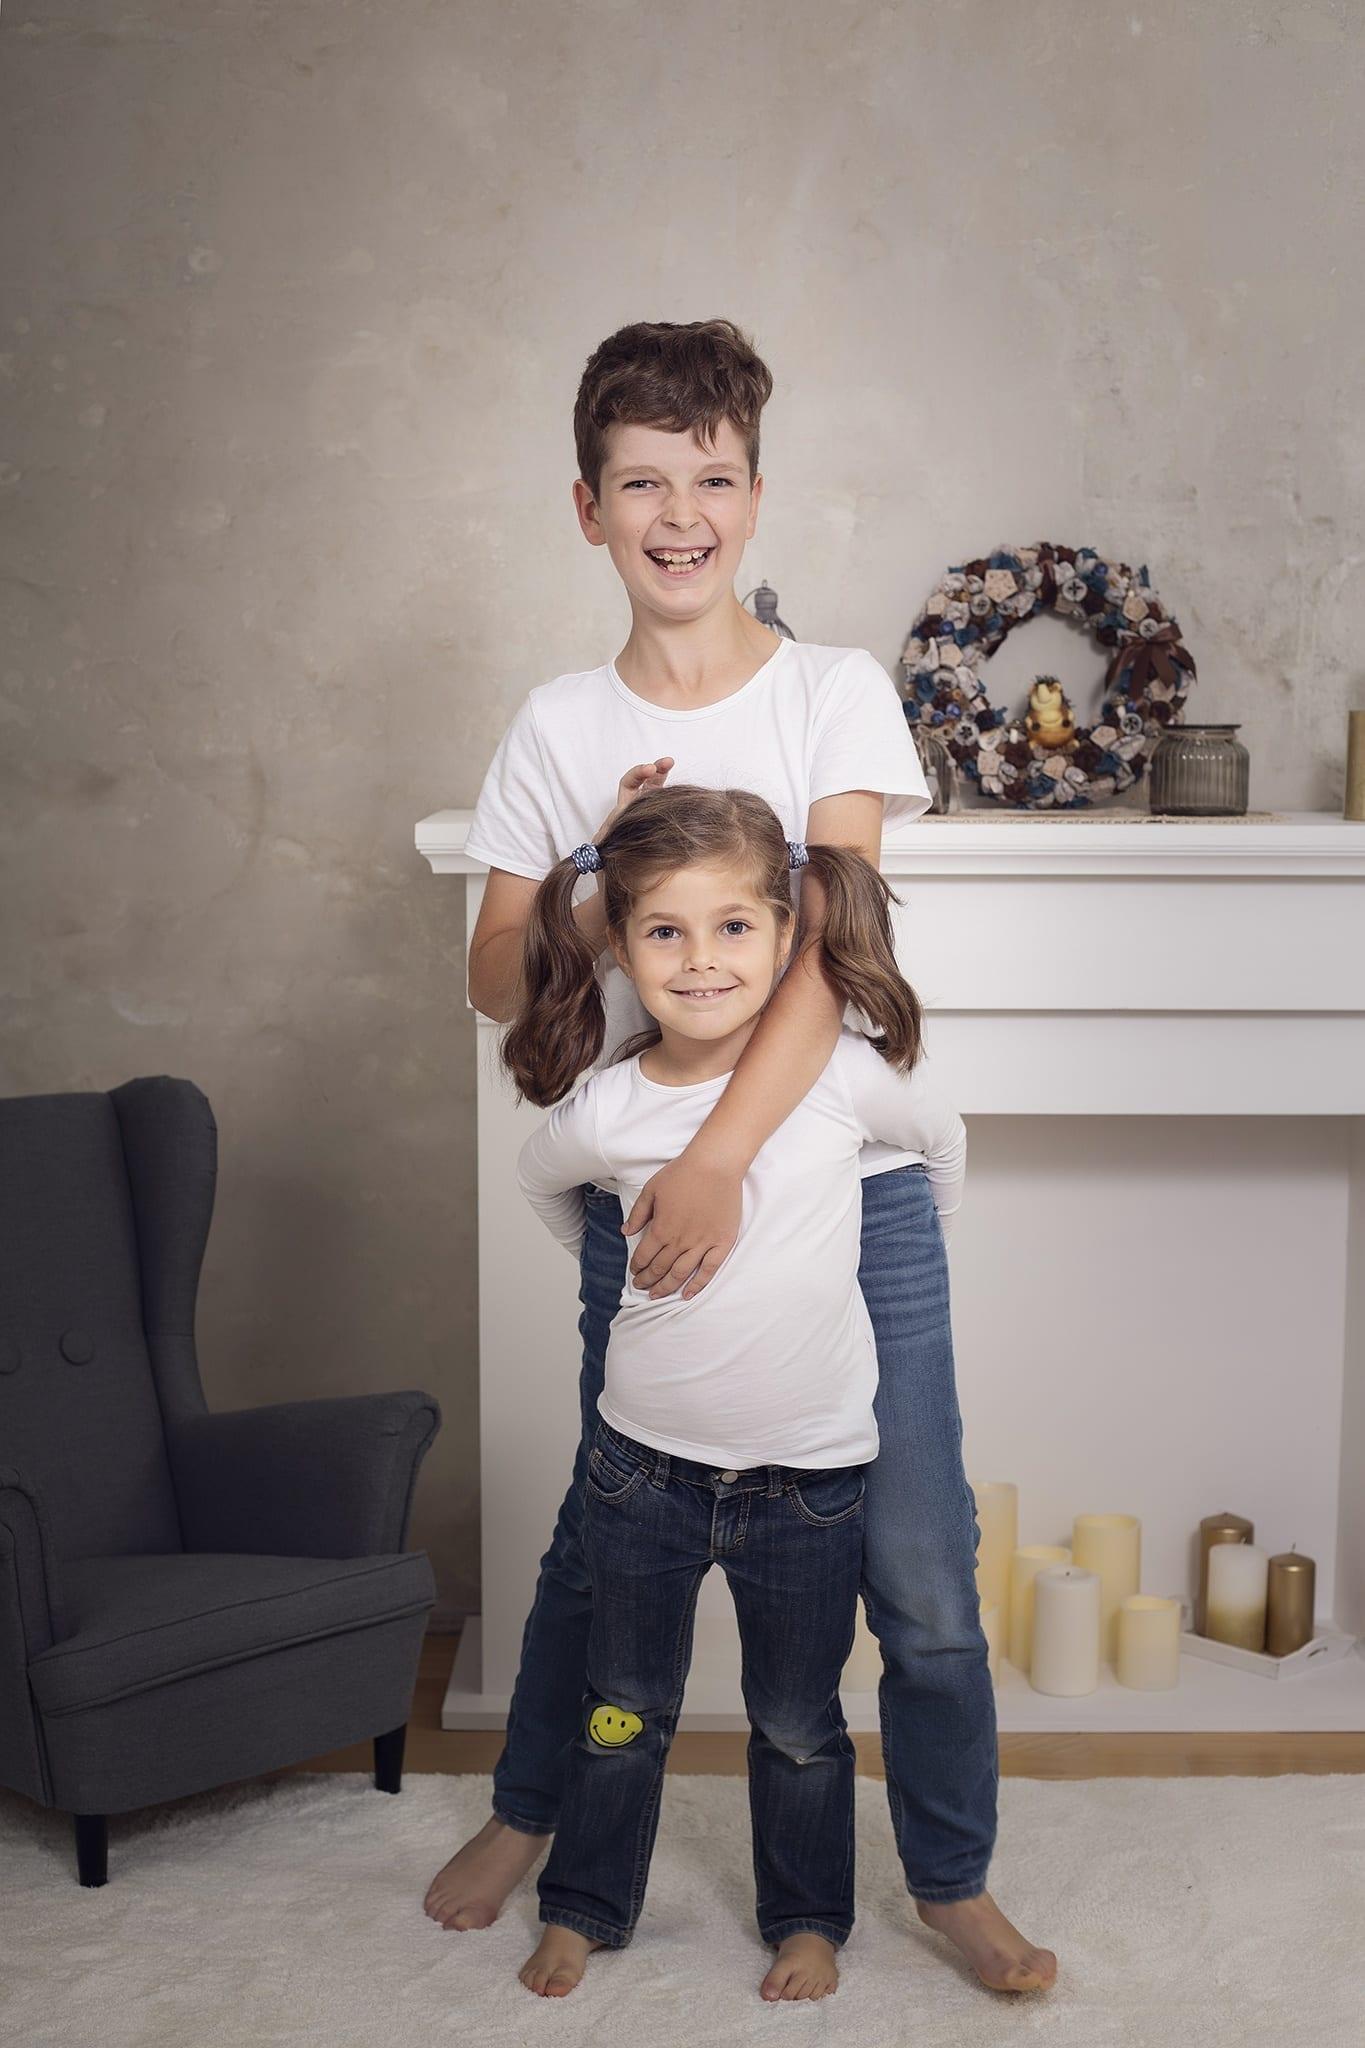 Családi képek és kreatív testvérfotózás budapesti stúdióban